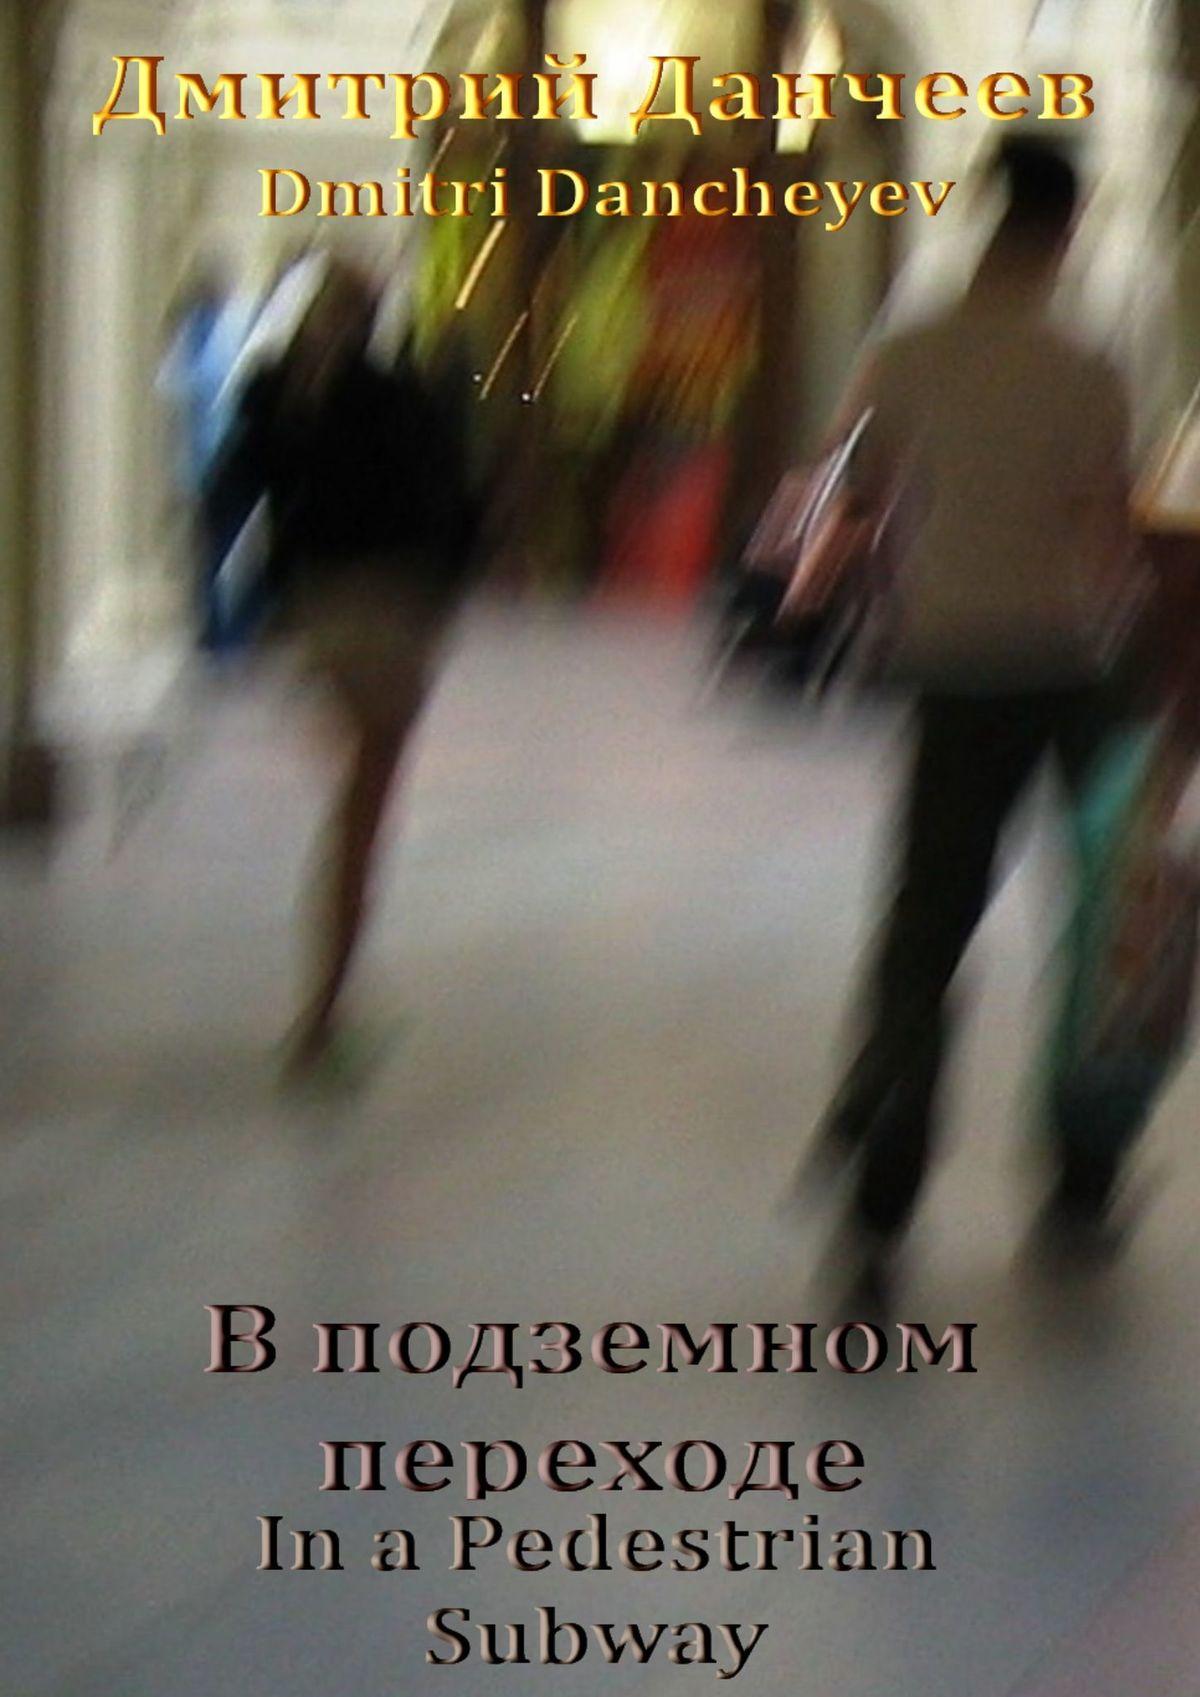 Дмитрий (Dmitri) Данчеев (Dancheyev) Вподземном переходе. In a Pedestrian Subway poe a life cut short